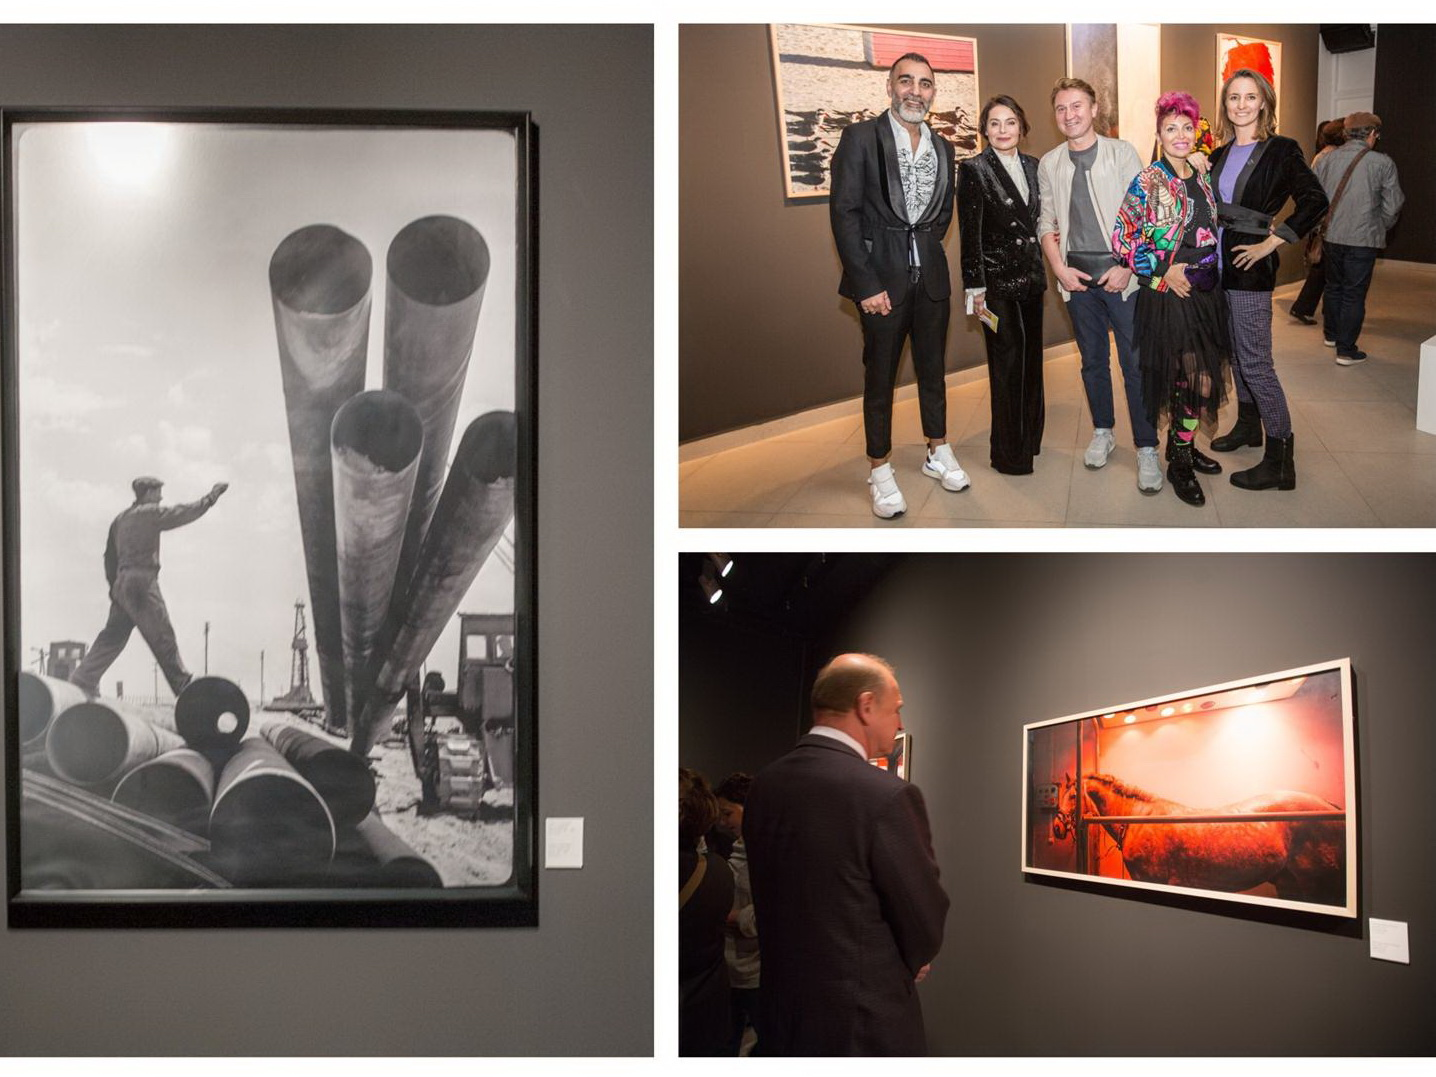 В галерее YAY открылась фотовыставка «Функция. Структура. Изменение» - ФОТО